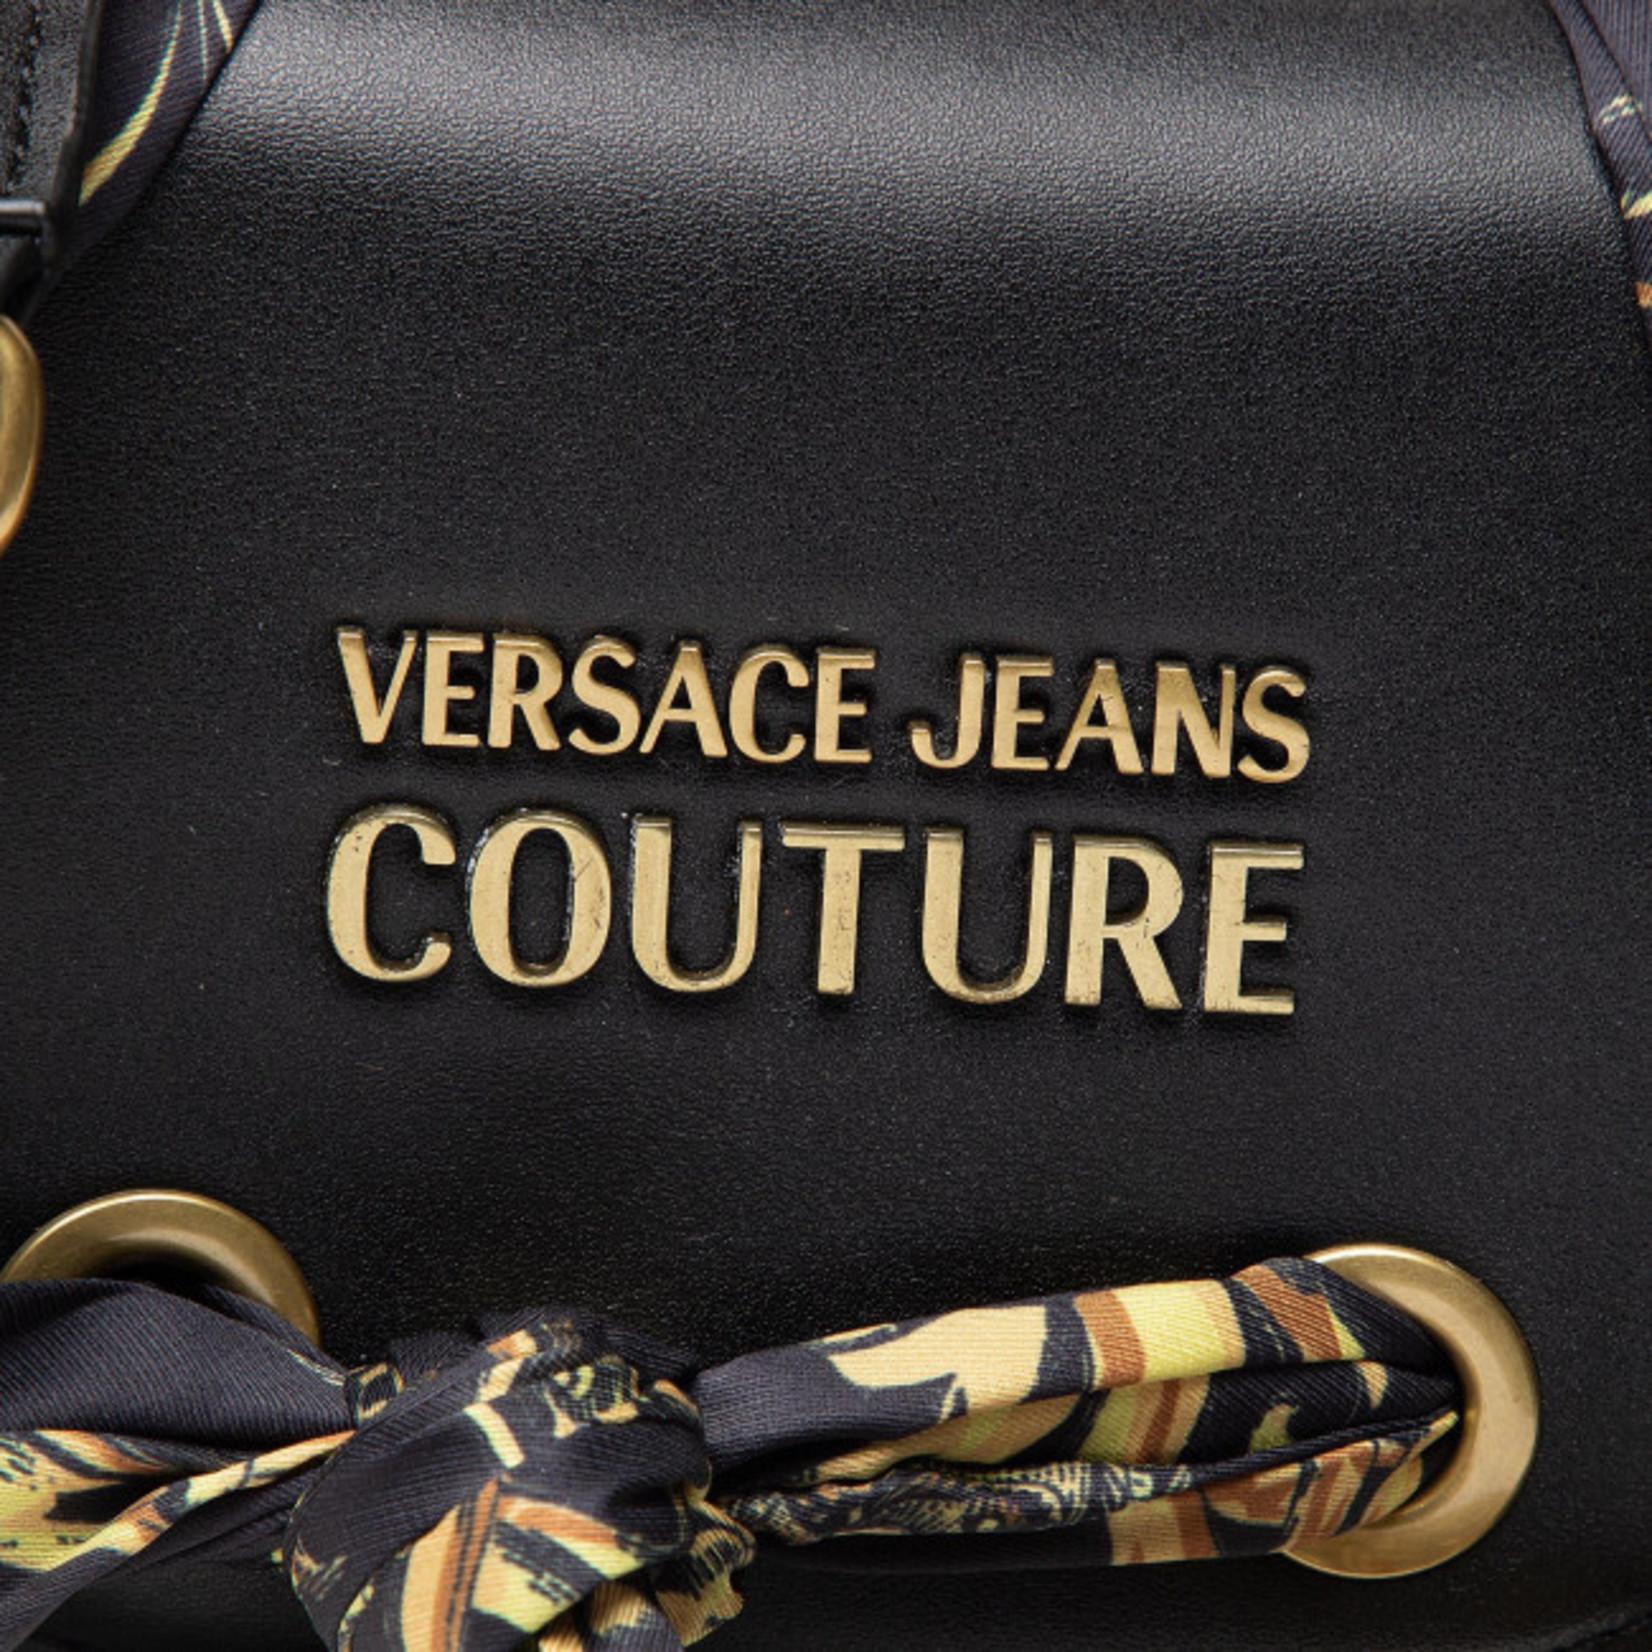 VERSACE JEANS COUTURE VERSACE JEANS COUTURE WOMEN'S BAG RANGE A  THELMA- 71VA4BA4